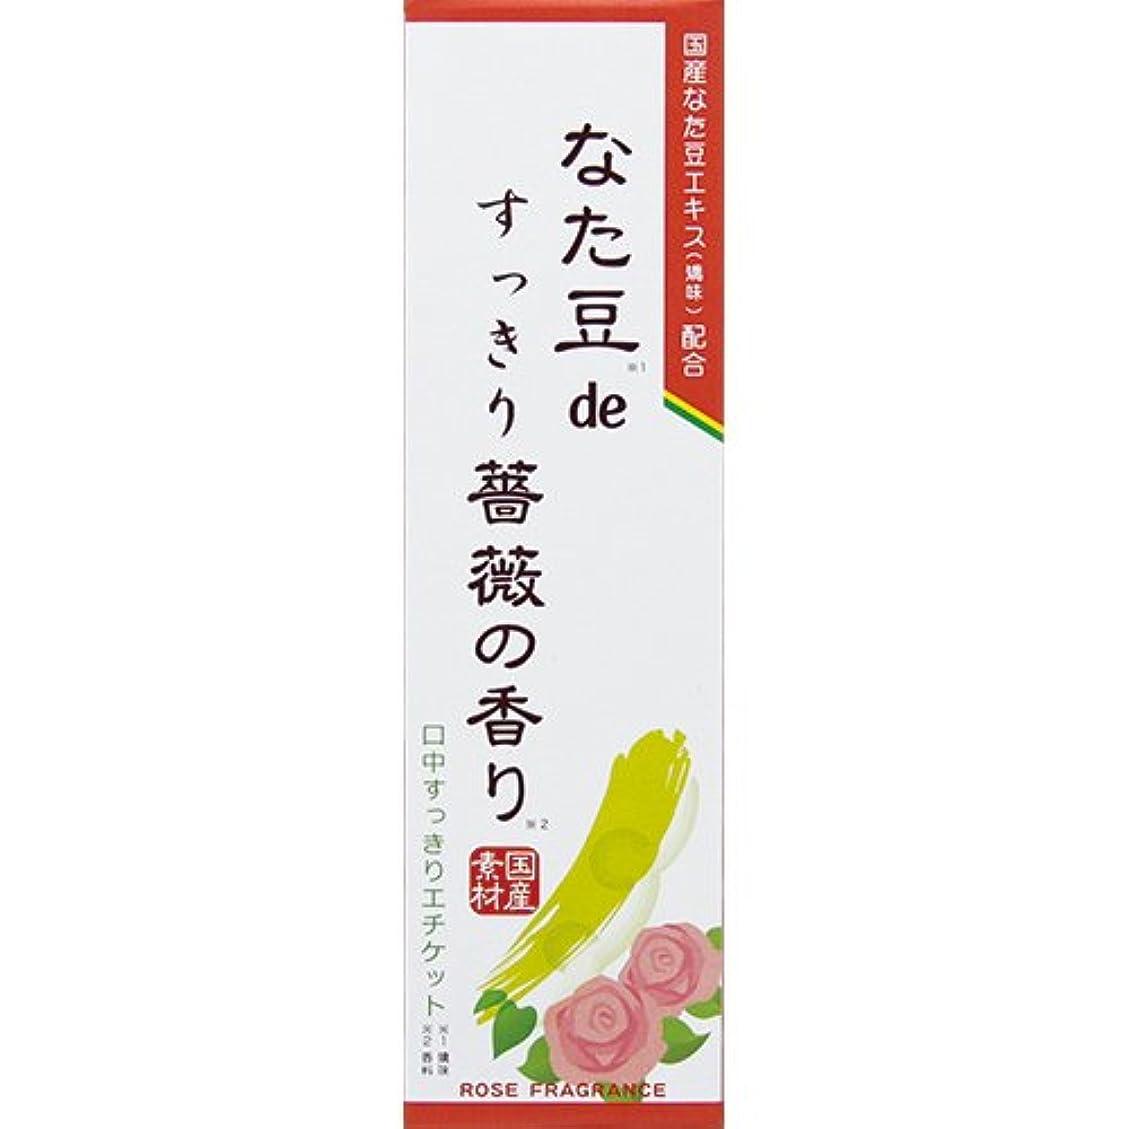 虐待レポートを書くに付けるなた豆deすっきり薔薇の香り 120g